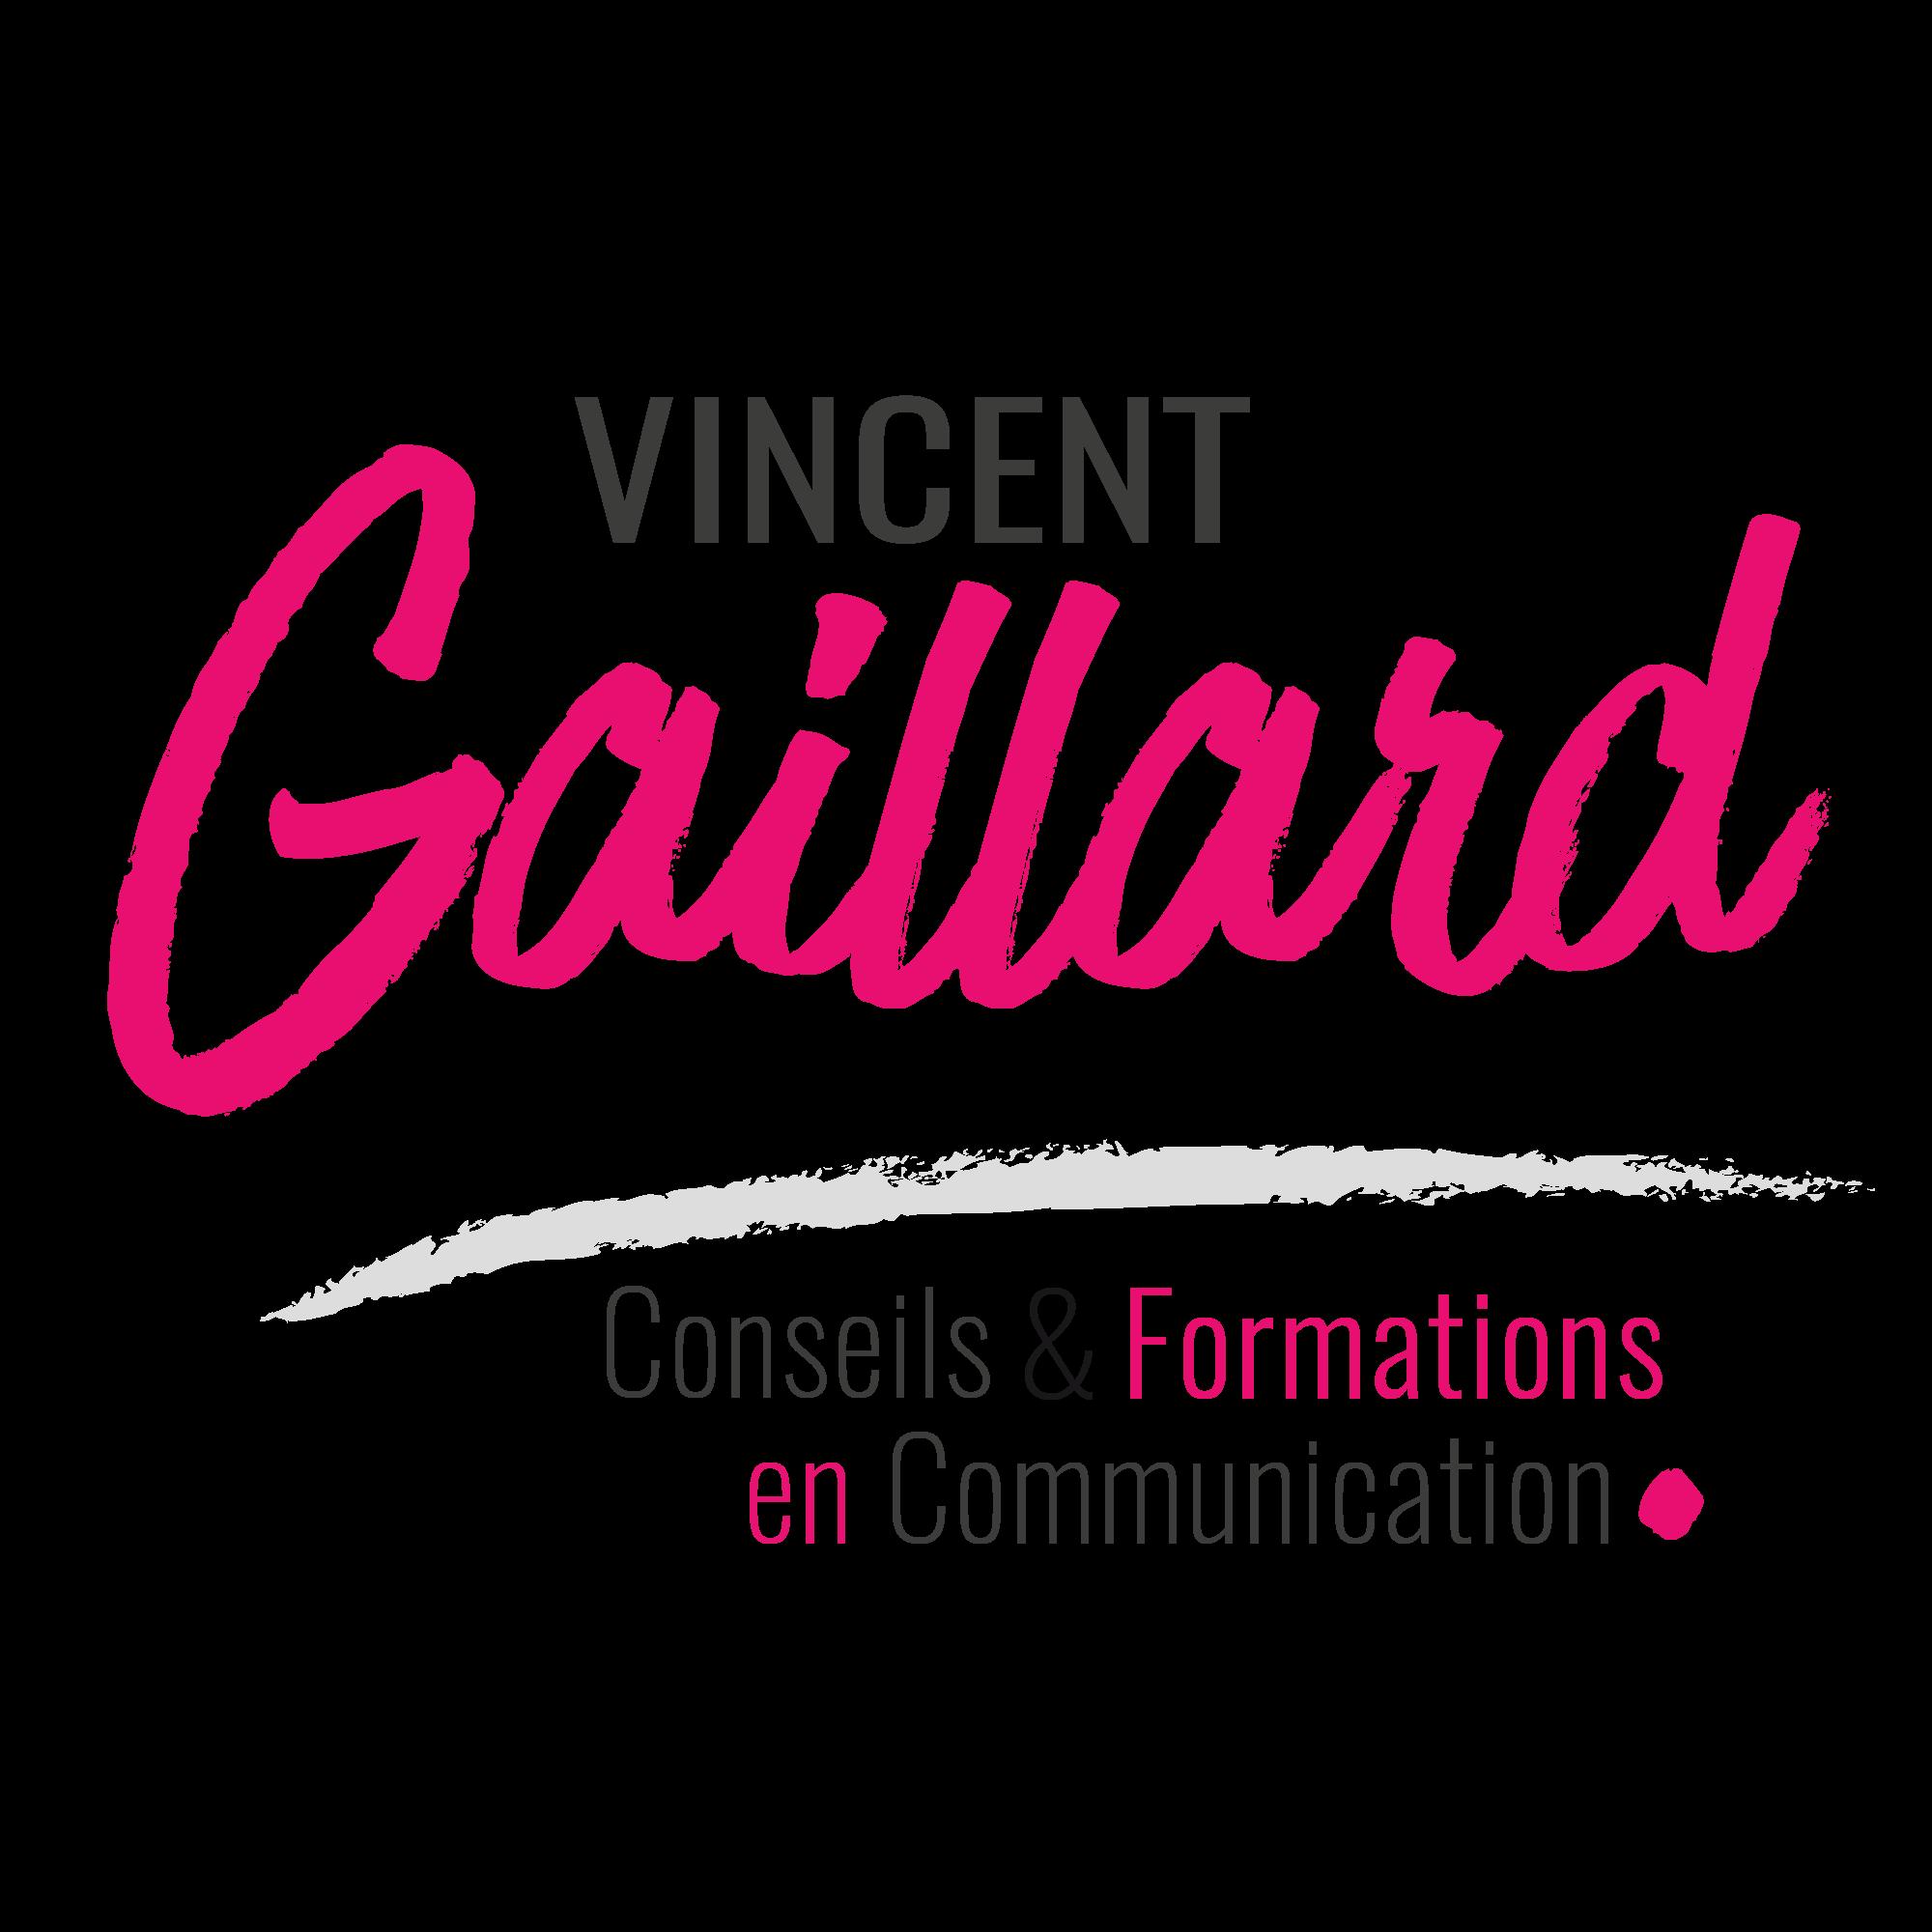 Agenda de Vincent Gaillard